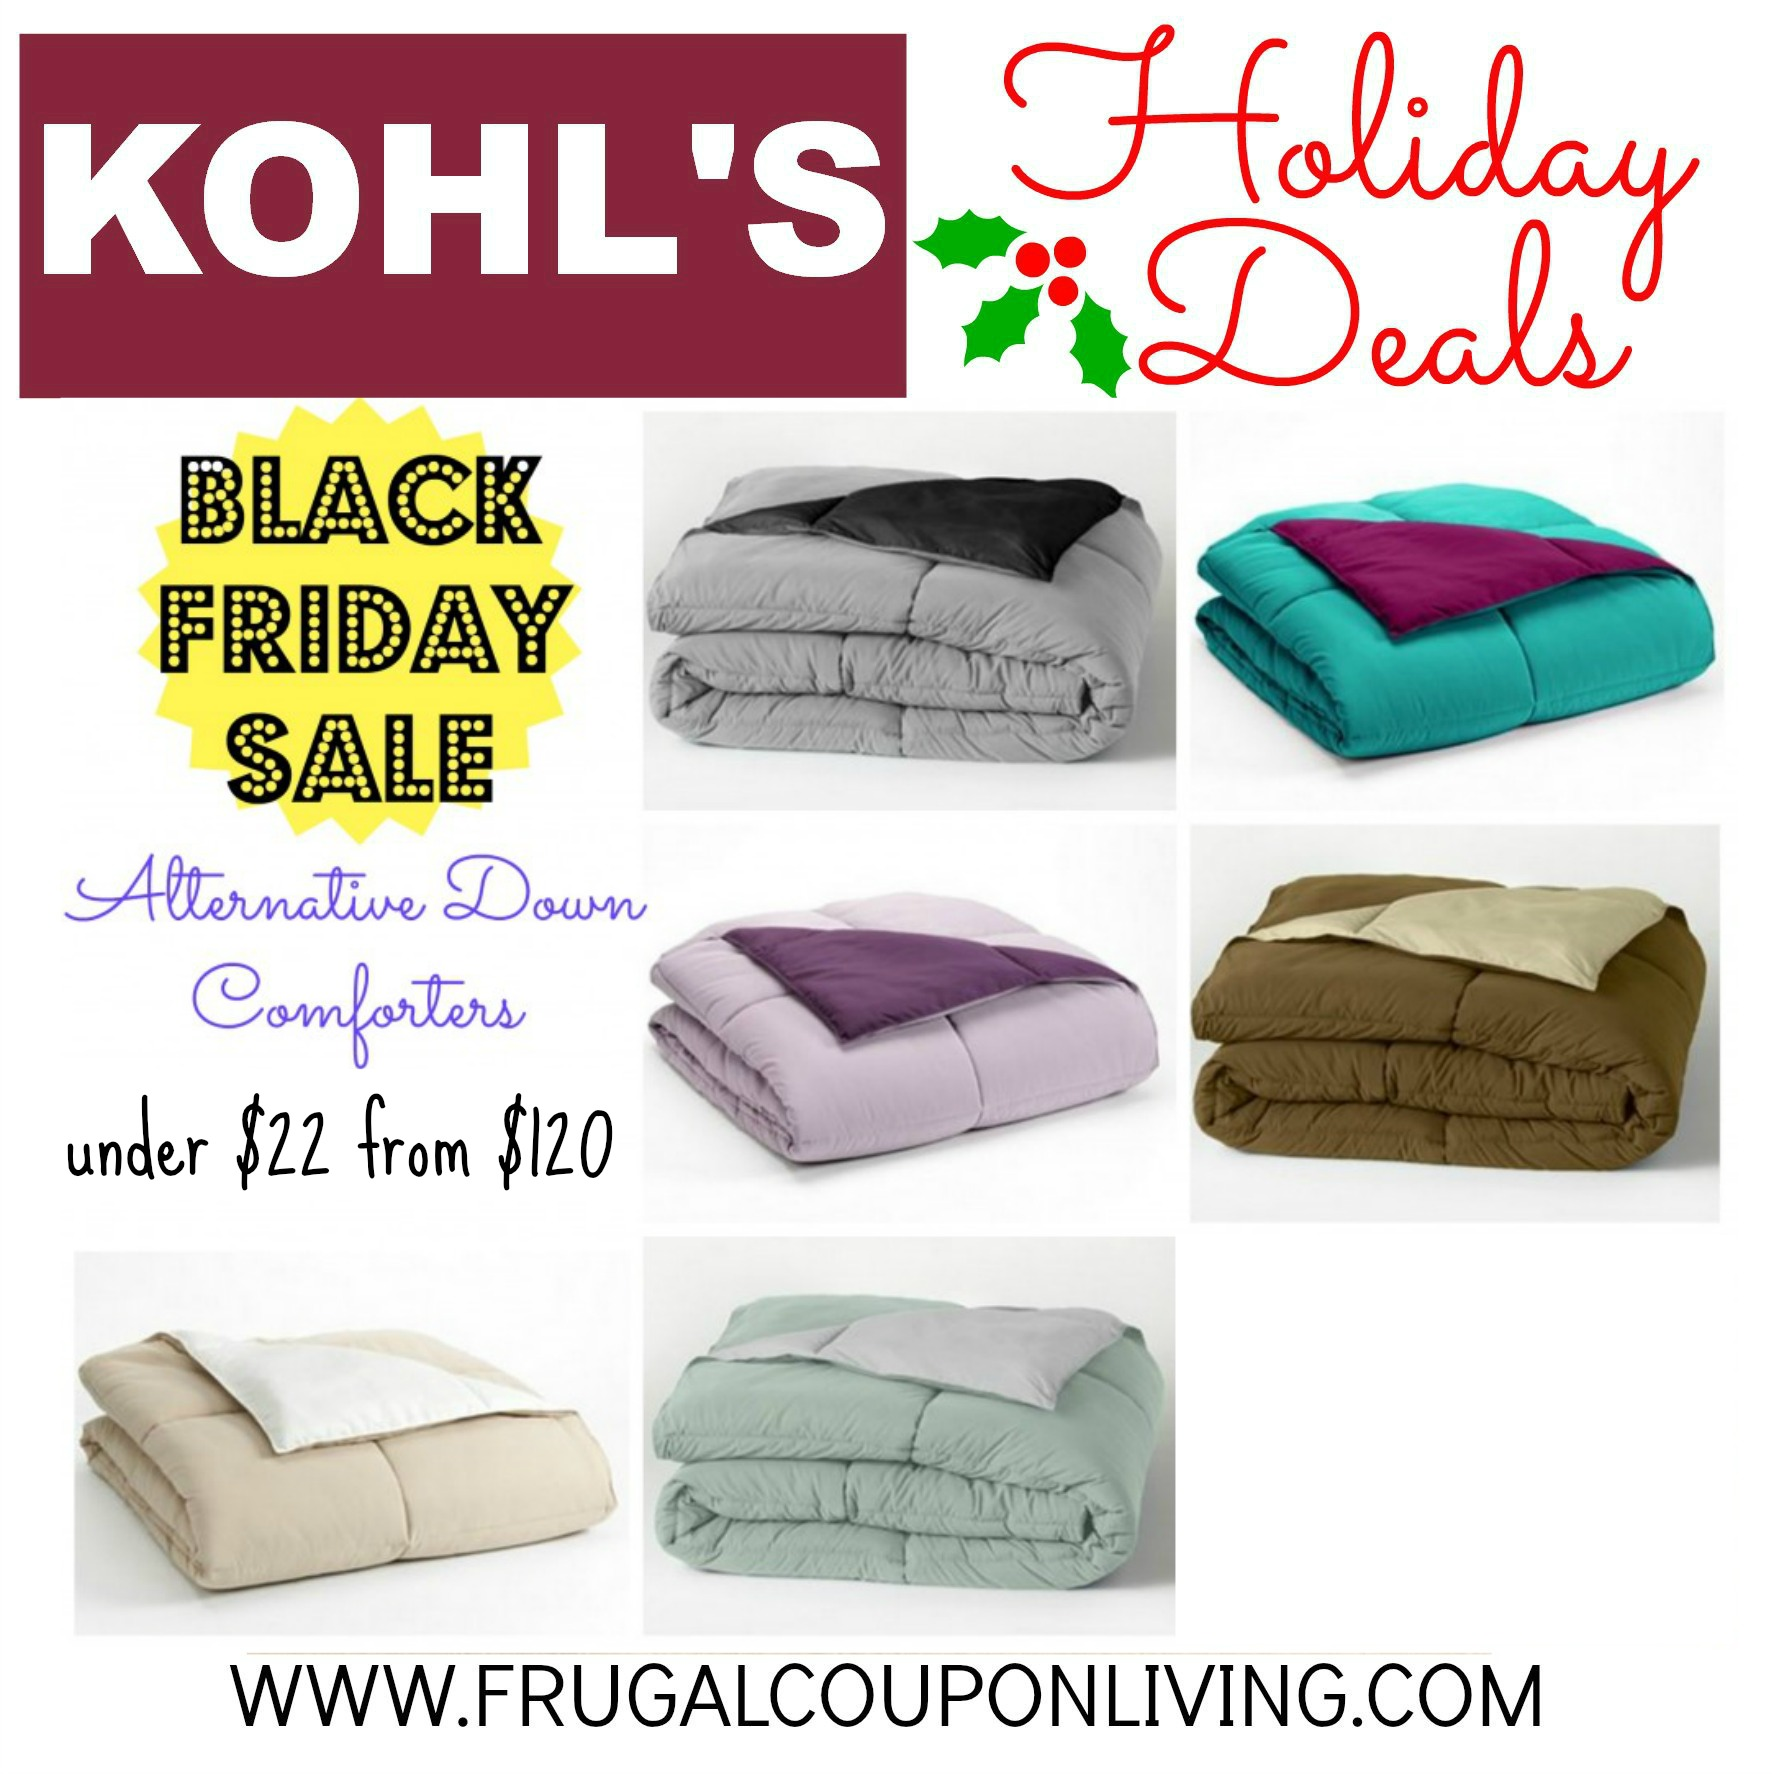 Black Friday Kohl S Alternative Down Comforter 21 24 From